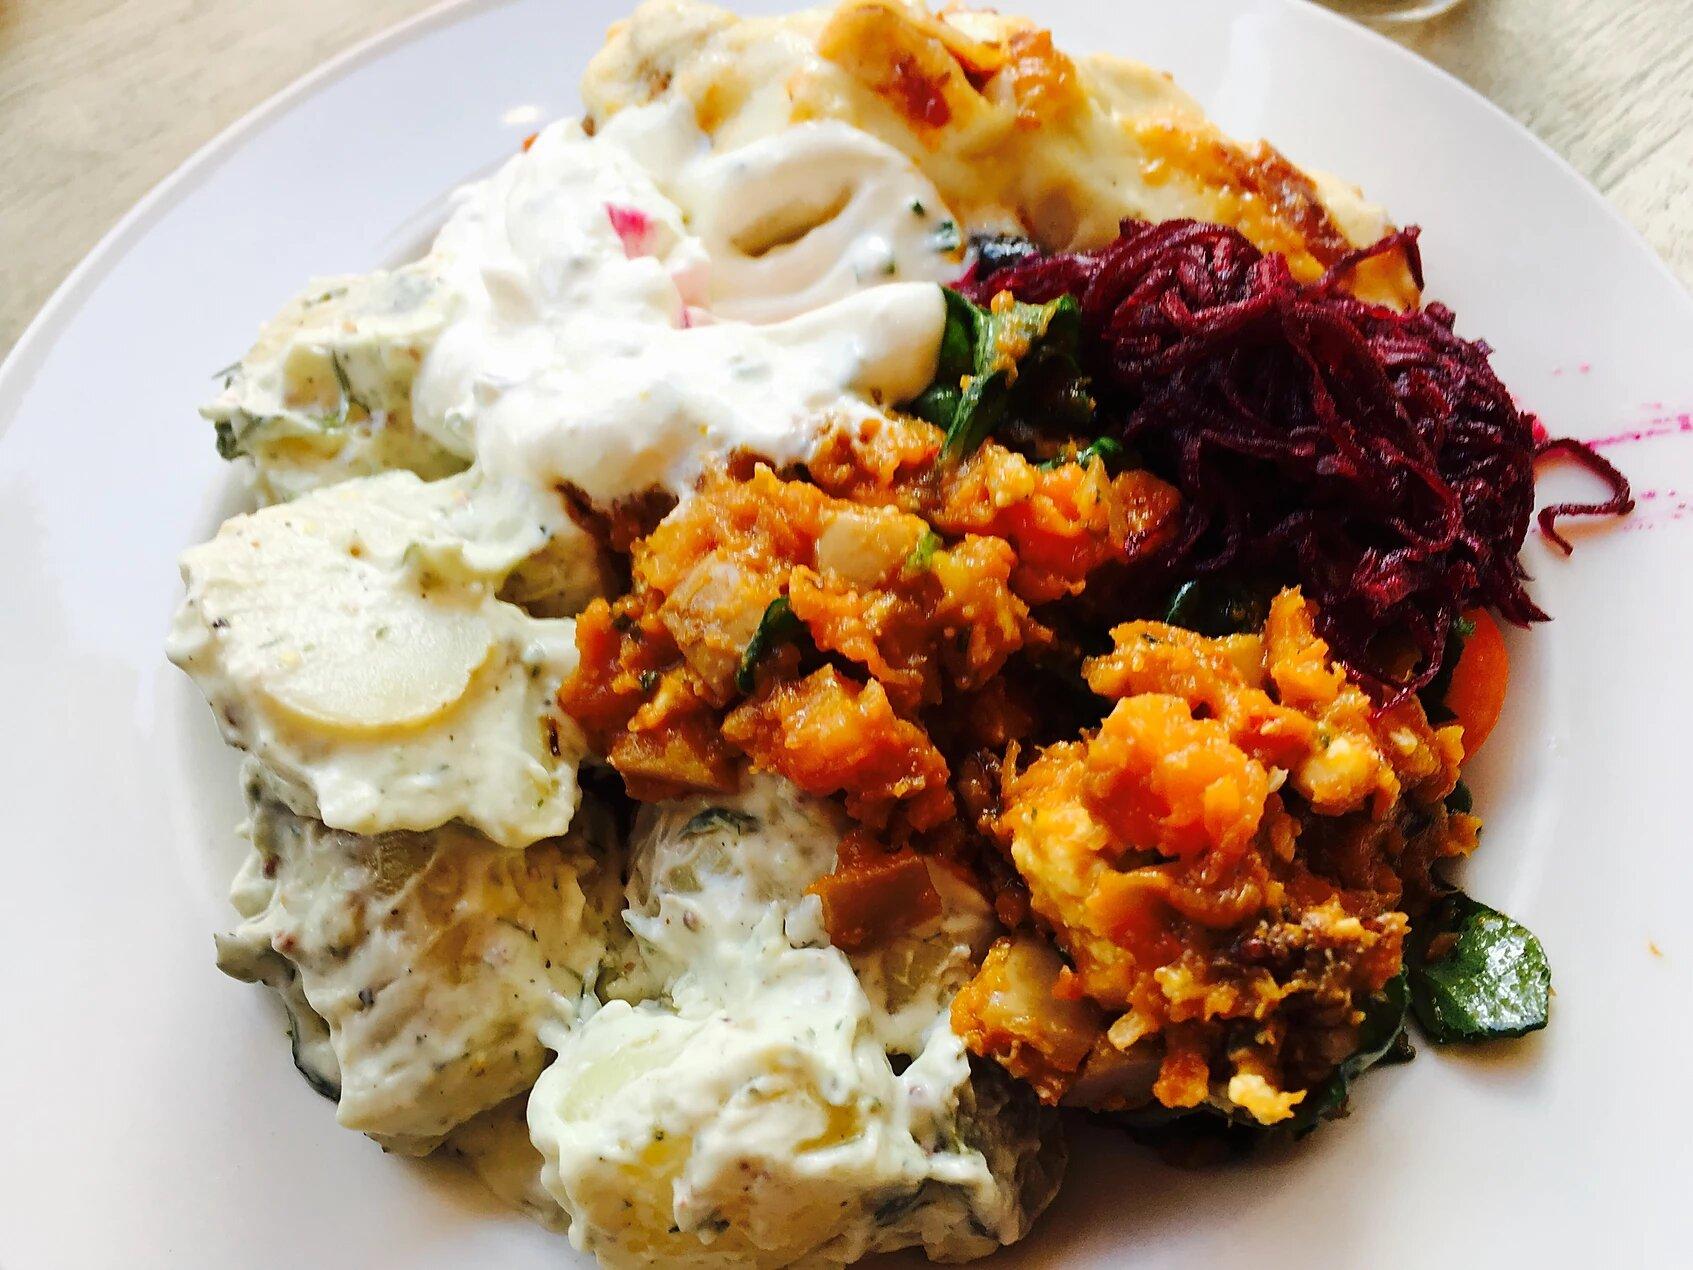 Les meilleurs restaurants Vegan et Végétariens de Brighton